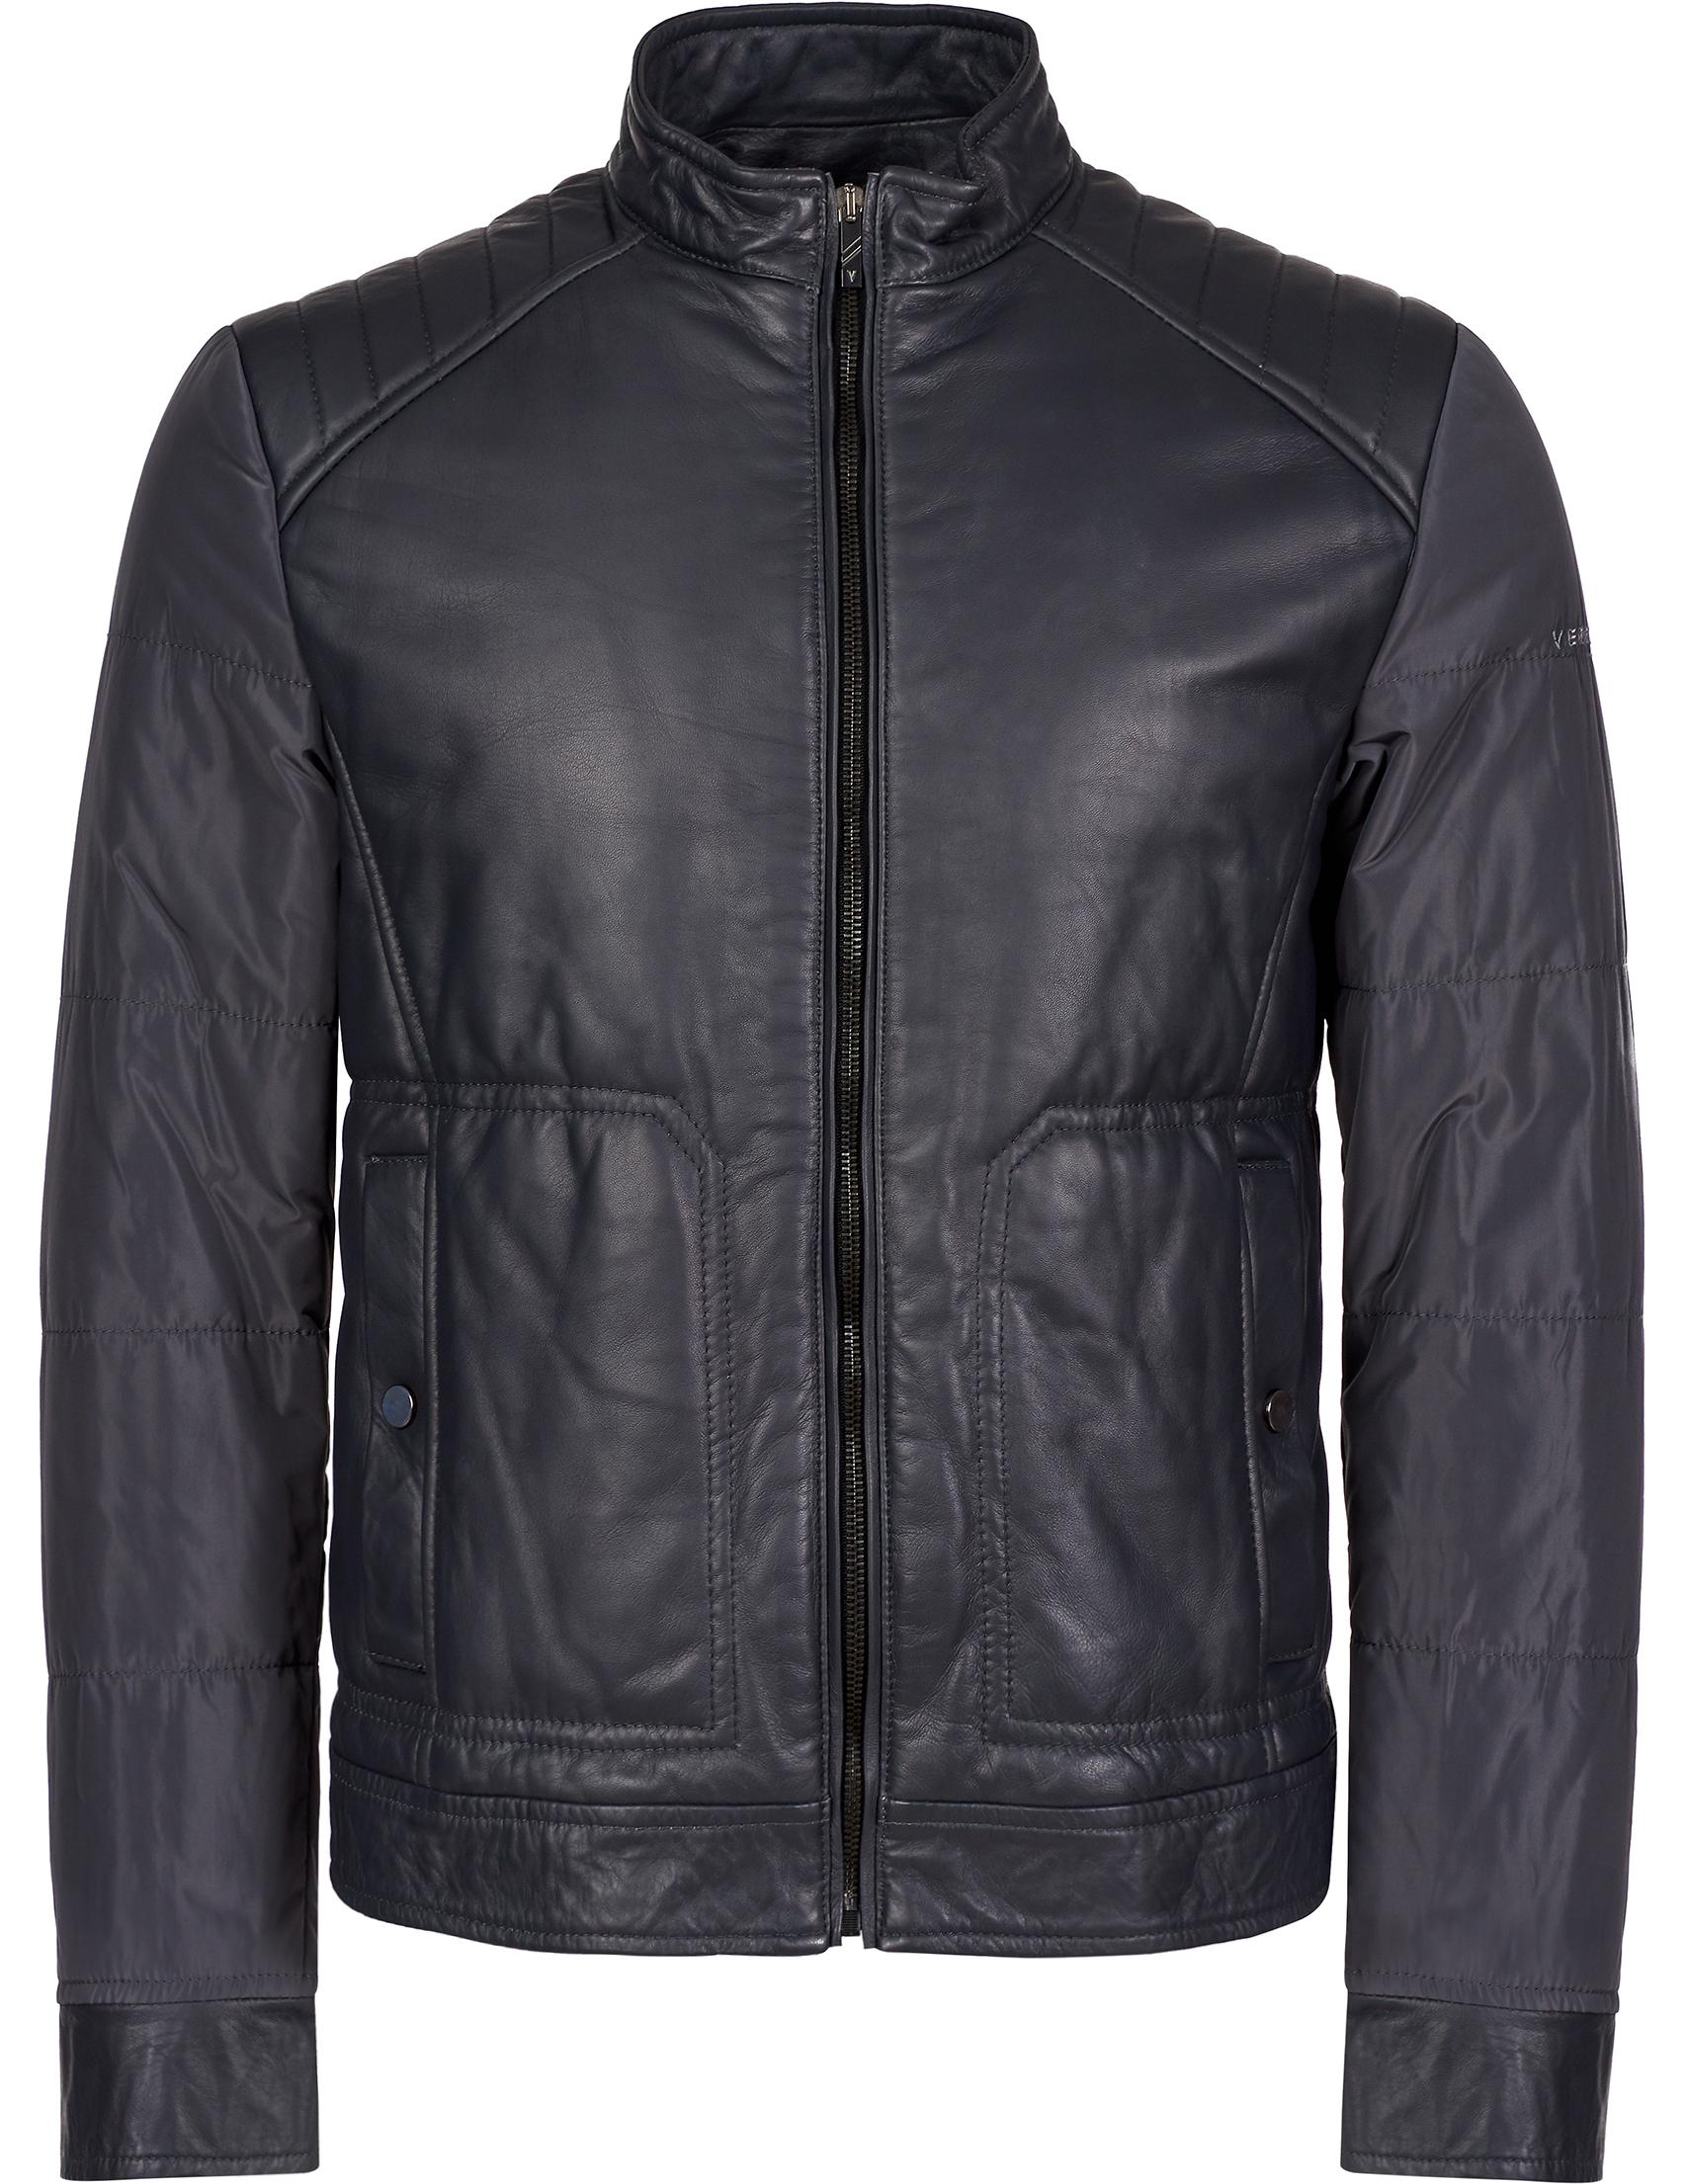 Купить Куртки, Куртка, VERRI, Серый, 100%Кожа;100%Полиэстер, Осень-Зима